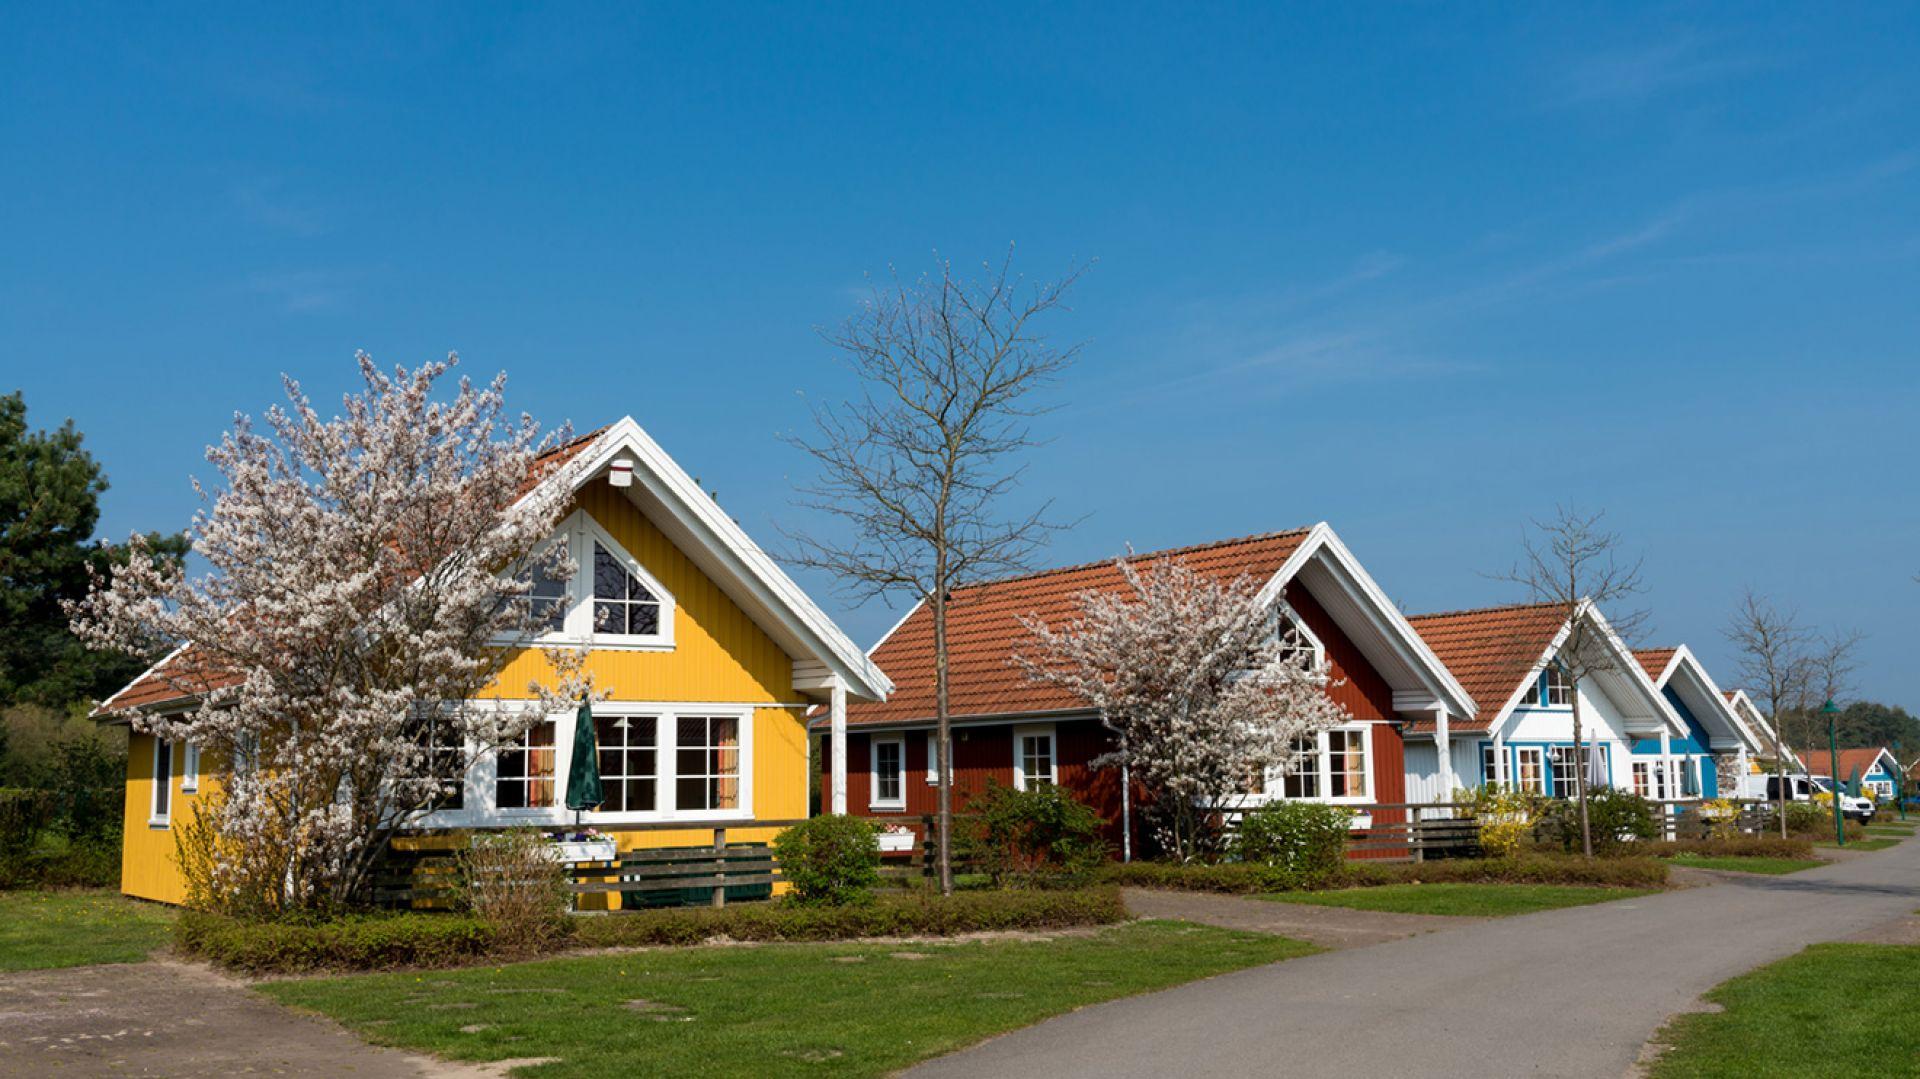 Kalifornijskie bungalowy w ciekawych barwach. Fot. S hutterstock